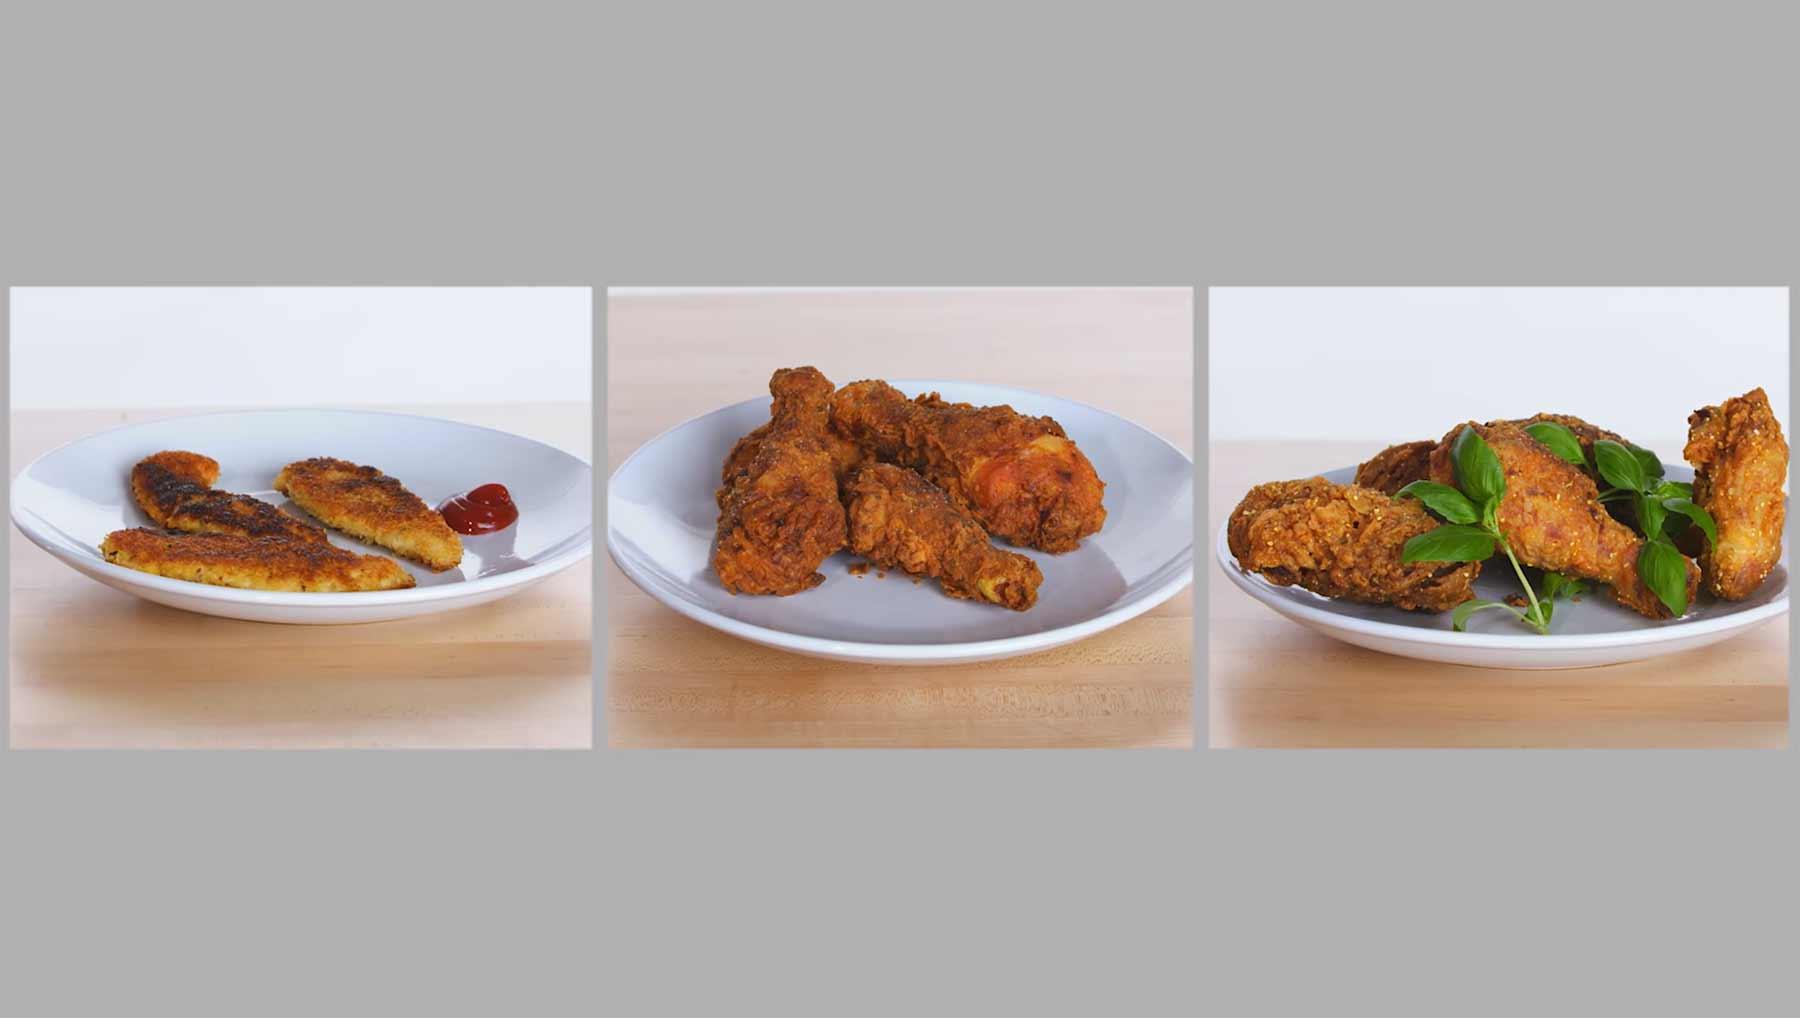 Köche unterschiedlicher Fähigkeitsstufen machen Fried Chicken fried-chicken-machen